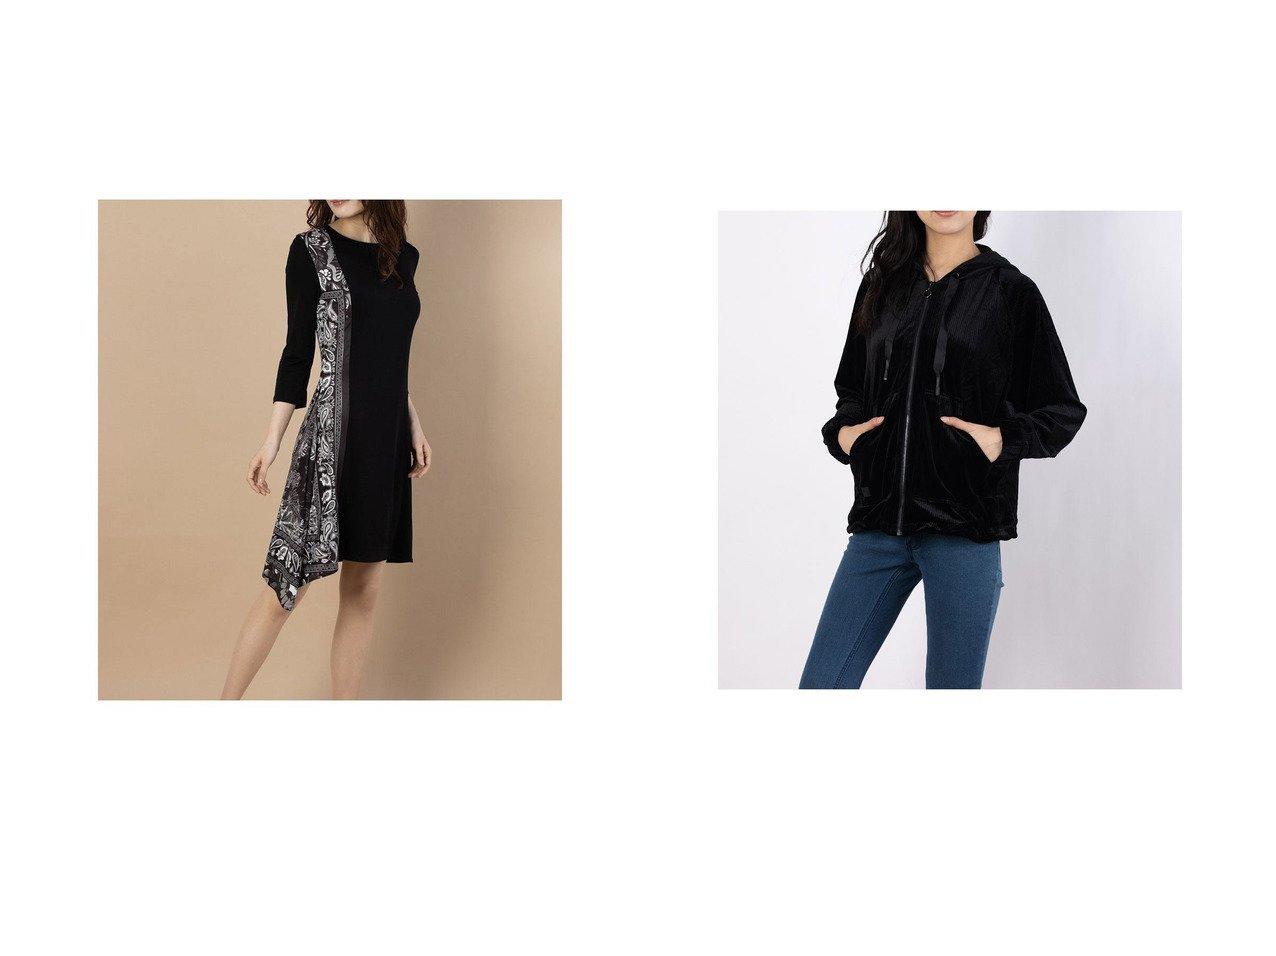 【Desigual/デシグアル】のスウェットジャケット HOODIE ZIP WINTER PLAIN COLOUR&ワンピース4袖 LOS ANGELES Desigualのおすすめ!人気、トレンド・レディースファッションの通販 おすすめで人気の流行・トレンド、ファッションの通販商品 メンズファッション・キッズファッション・インテリア・家具・レディースファッション・服の通販 founy(ファニー) https://founy.com/ ファッション Fashion レディースファッション WOMEN ワンピース Dress アウター Coat Outerwear ジャケット Jackets 2021年 2021 2021 春夏 S/S SS Spring/Summer 2021 S/S 春夏 SS Spring/Summer アシンメトリー スリーブ 春 Spring 無地 2020年 2020 2020-2021 秋冬 A/W AW Autumn/Winter / FW Fall-Winter 2020-2021 A/W 秋冬 AW Autumn/Winter / FW Fall-Winter 冬 Winter エレガント コーデュロイ ジャケット ストレッチ スポーツ トレンド フロント ベルベット ポケット |ID:crp329100000019757